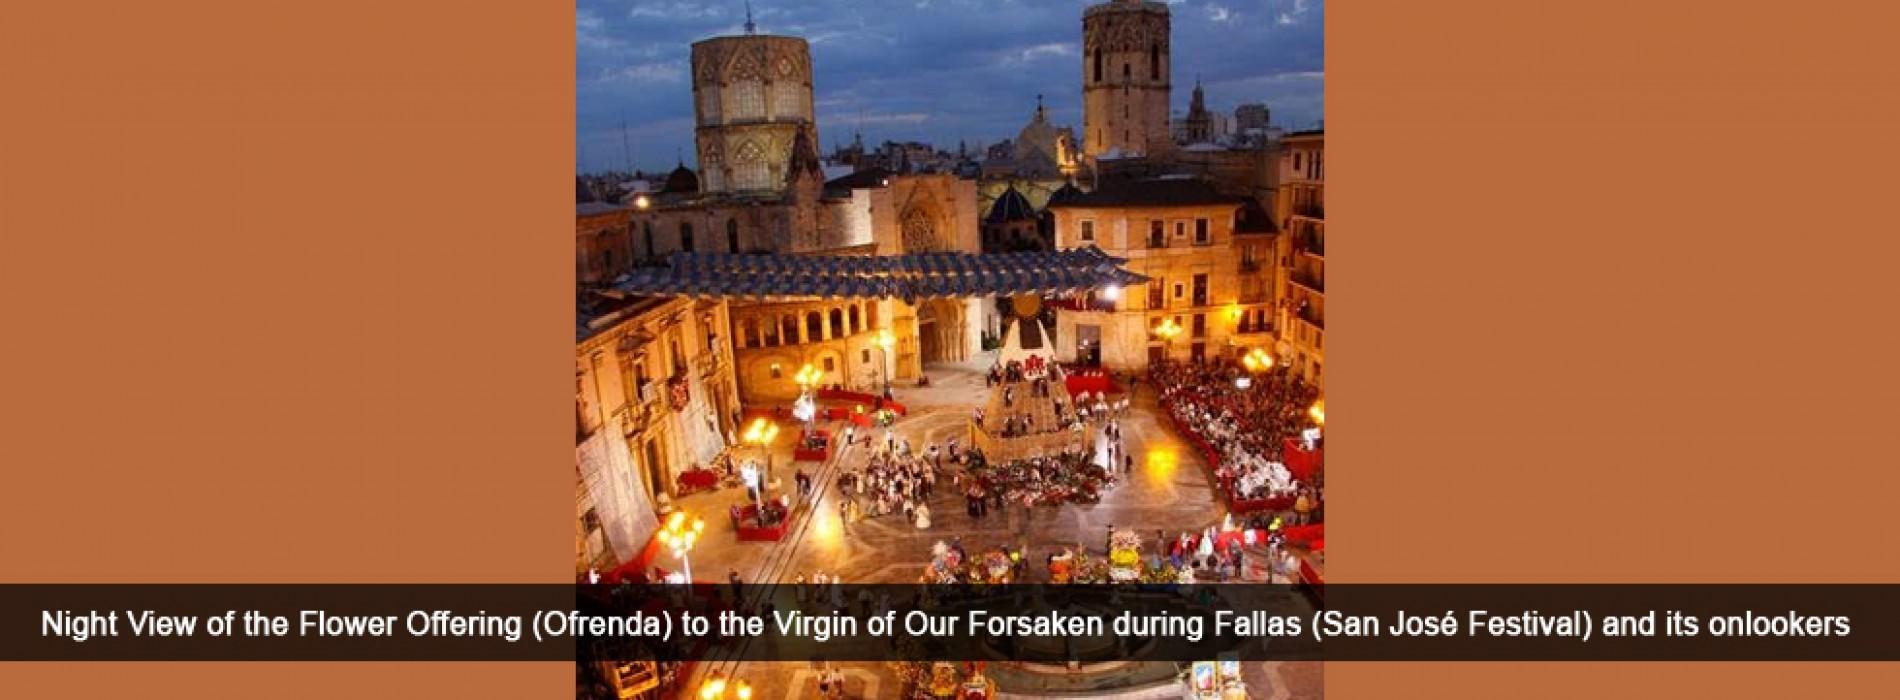 Las Fallas of Valencia declared as Intangible Cultural Heritage by UNESCO